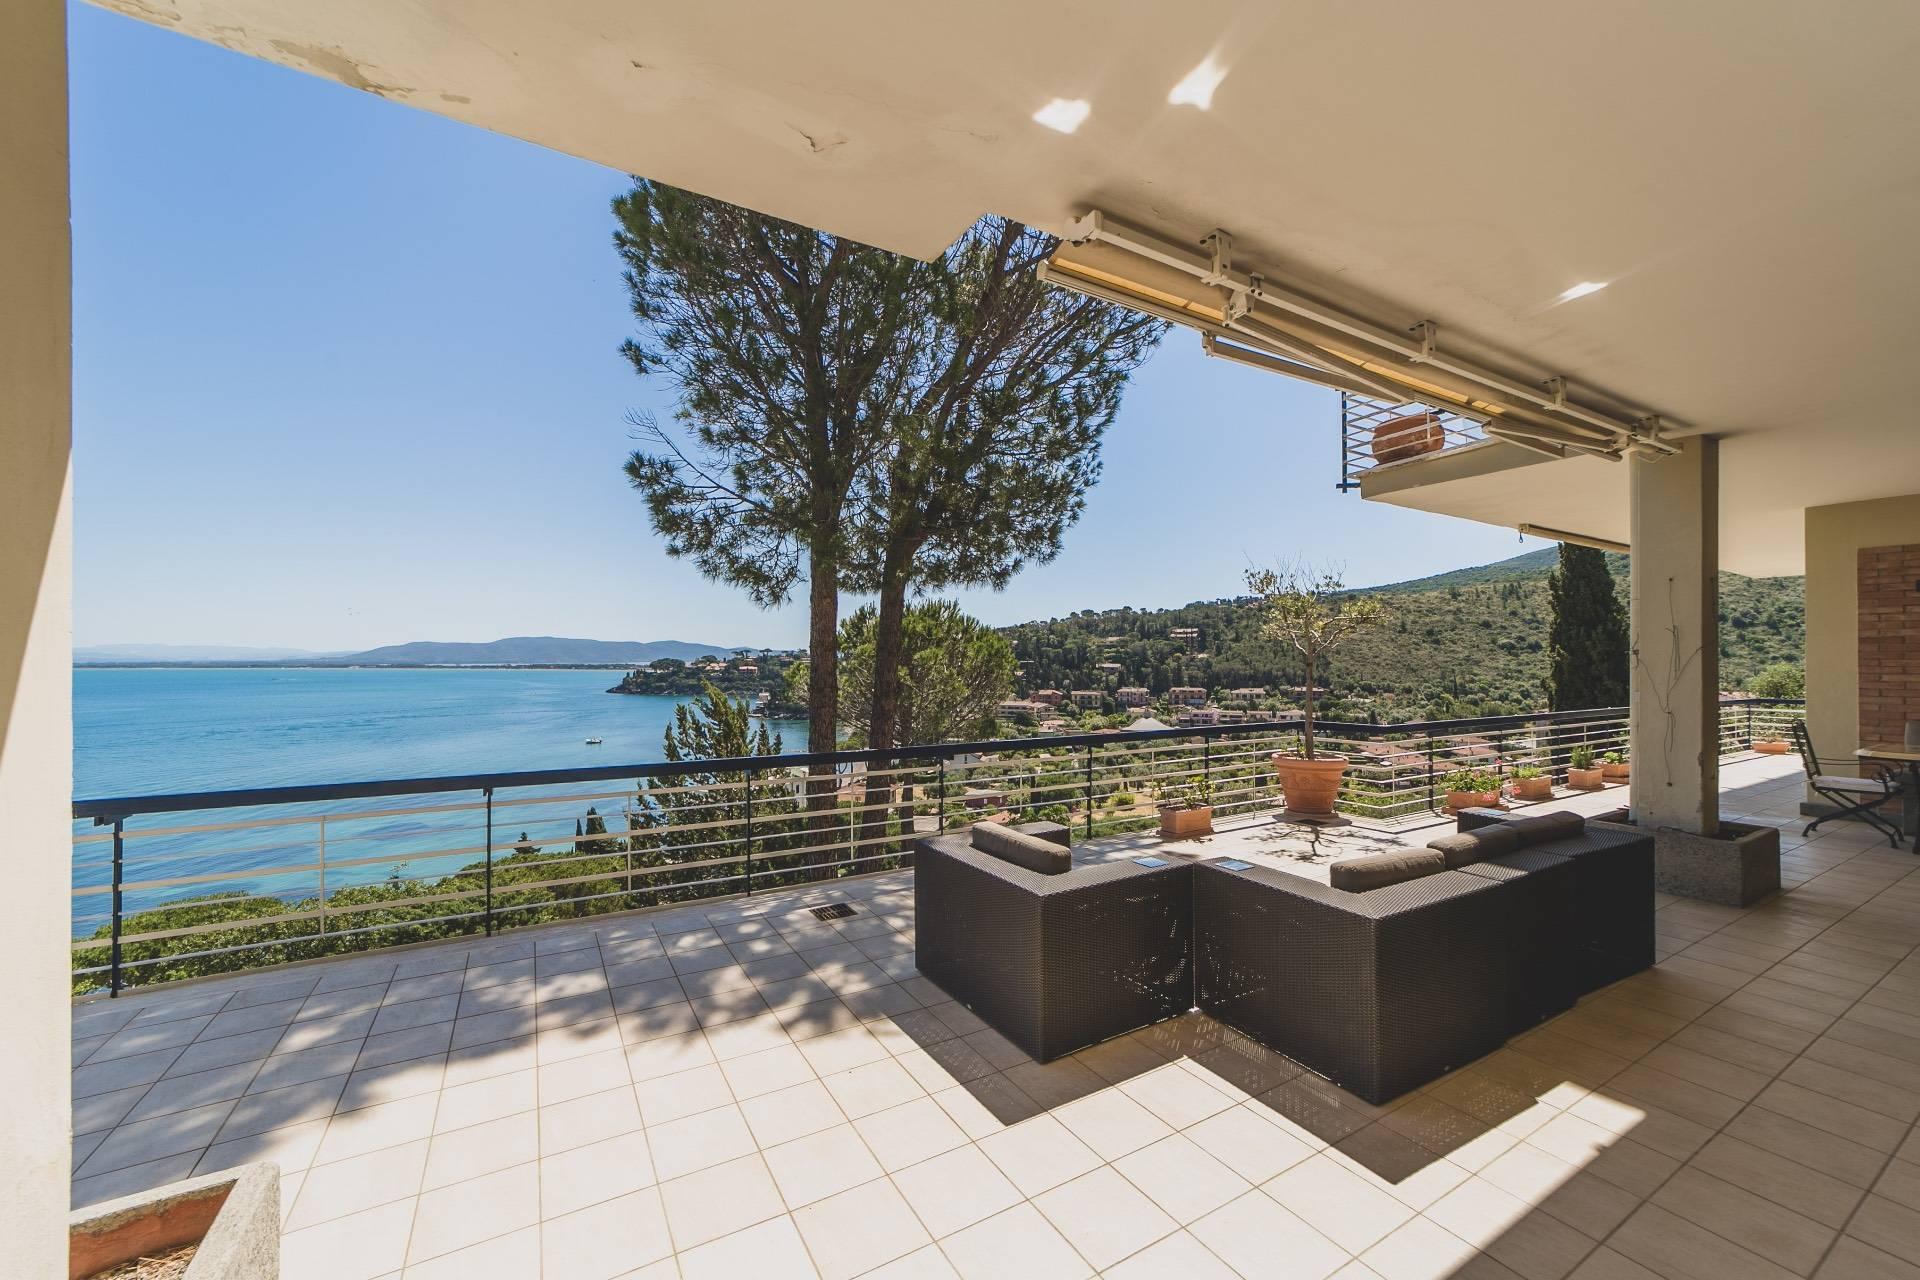 Appartamento in vendita a Monte Argentario, 9 locali, zona Località: Pozzarello, prezzo € 1.100.000 | PortaleAgenzieImmobiliari.it